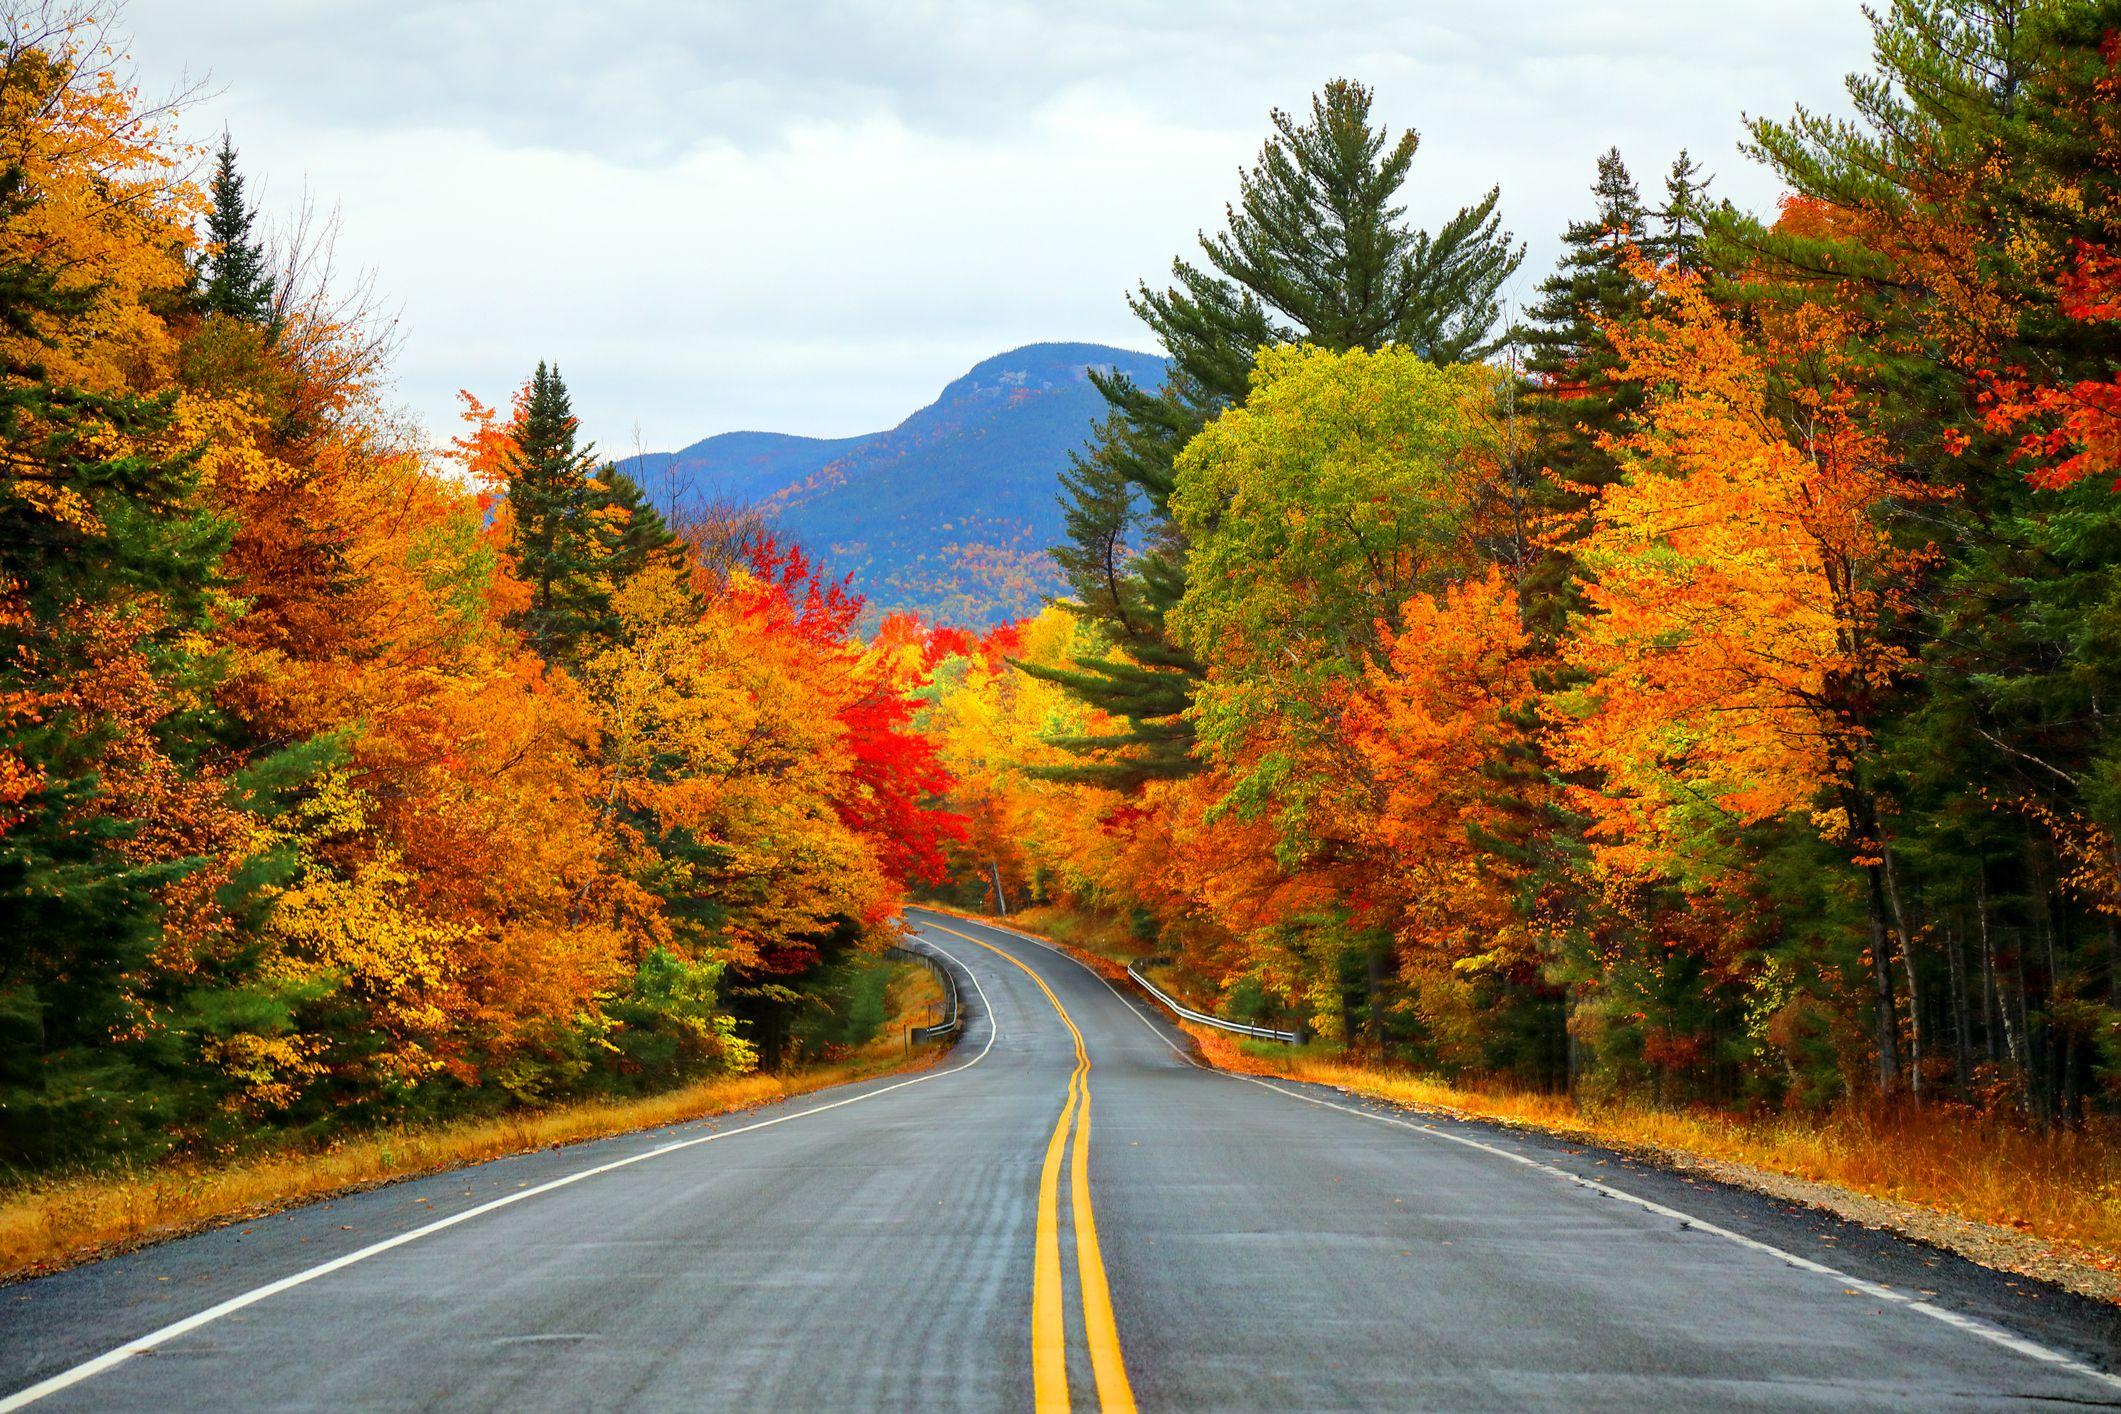 Đường quốc lộ xuyên qua cánh rừng phong vào mùa thu